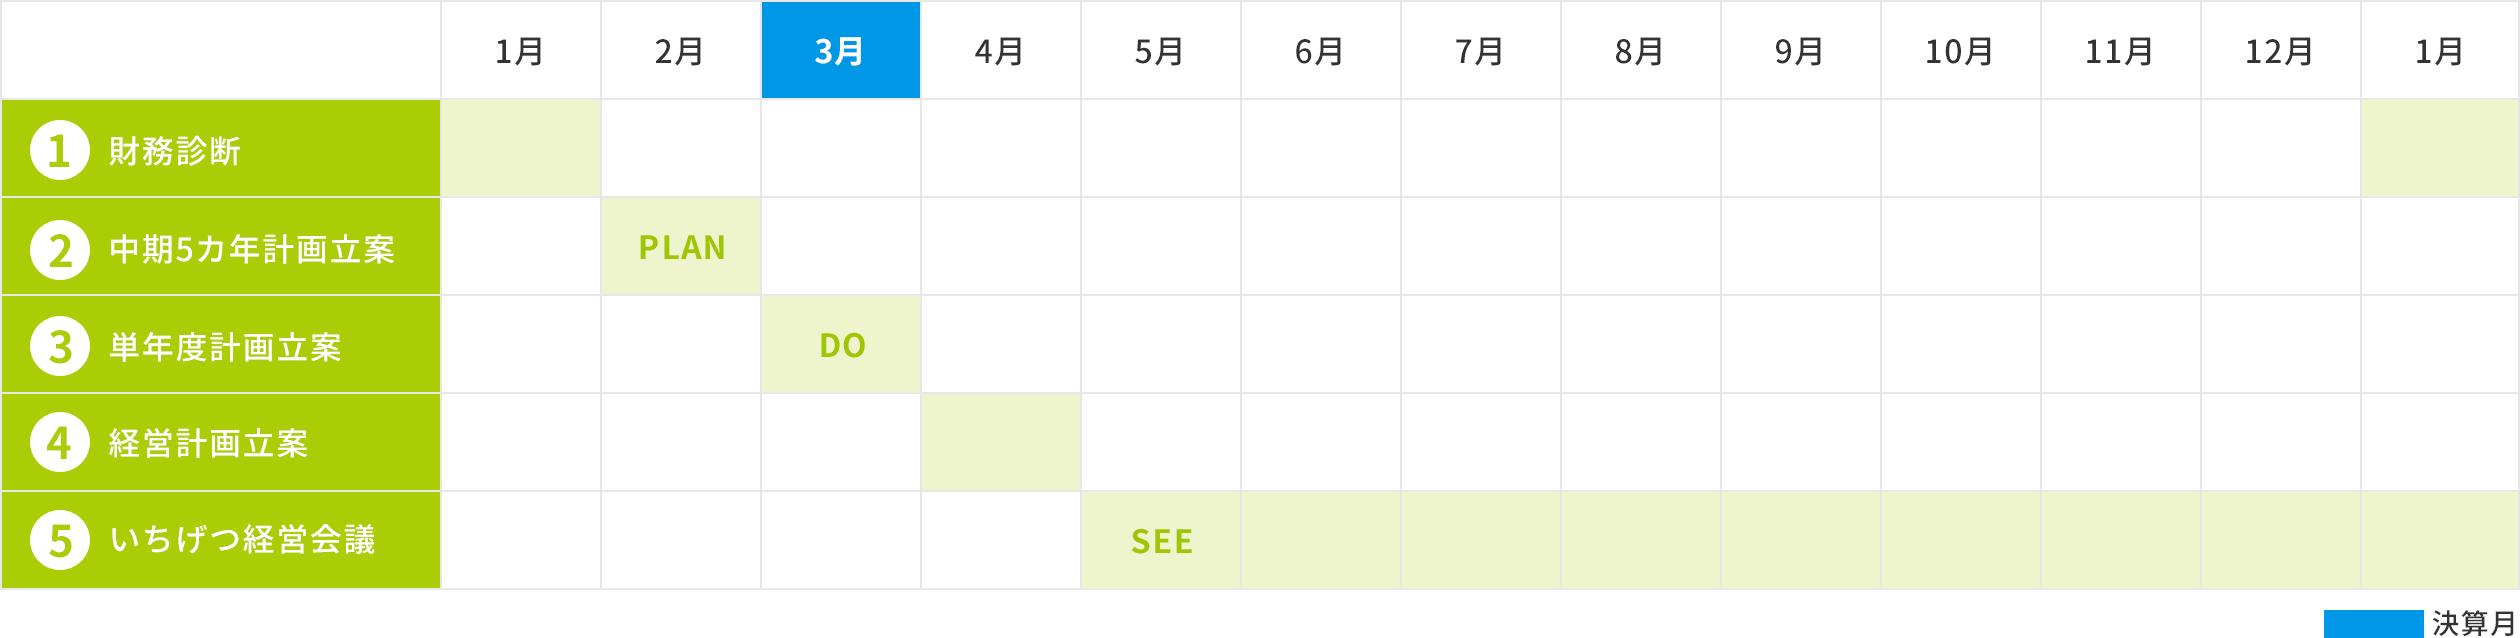 スケジュールイメージ 〜3月決算の場合〜